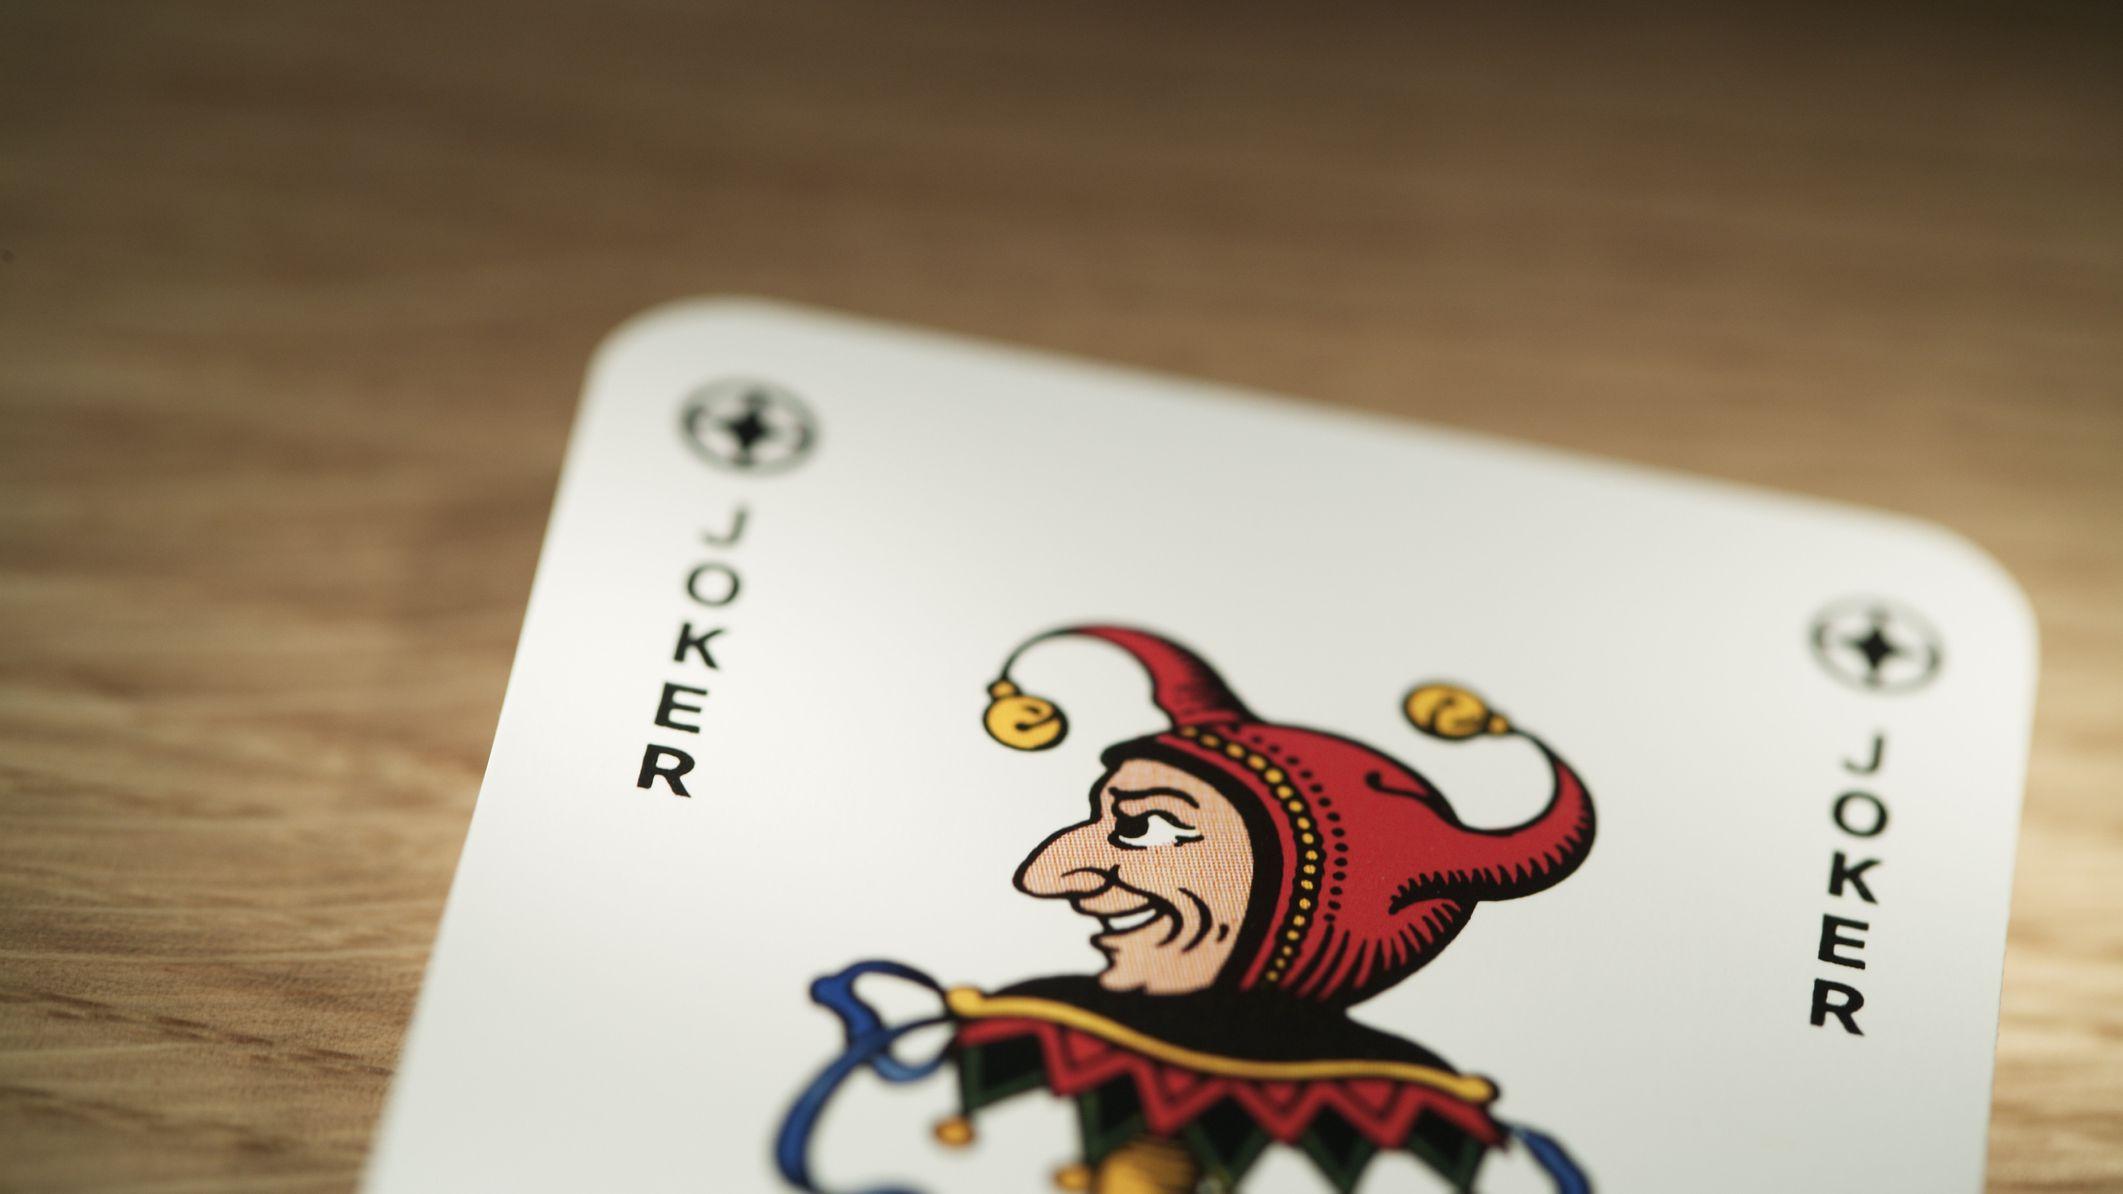 Meaning of Joker Poker